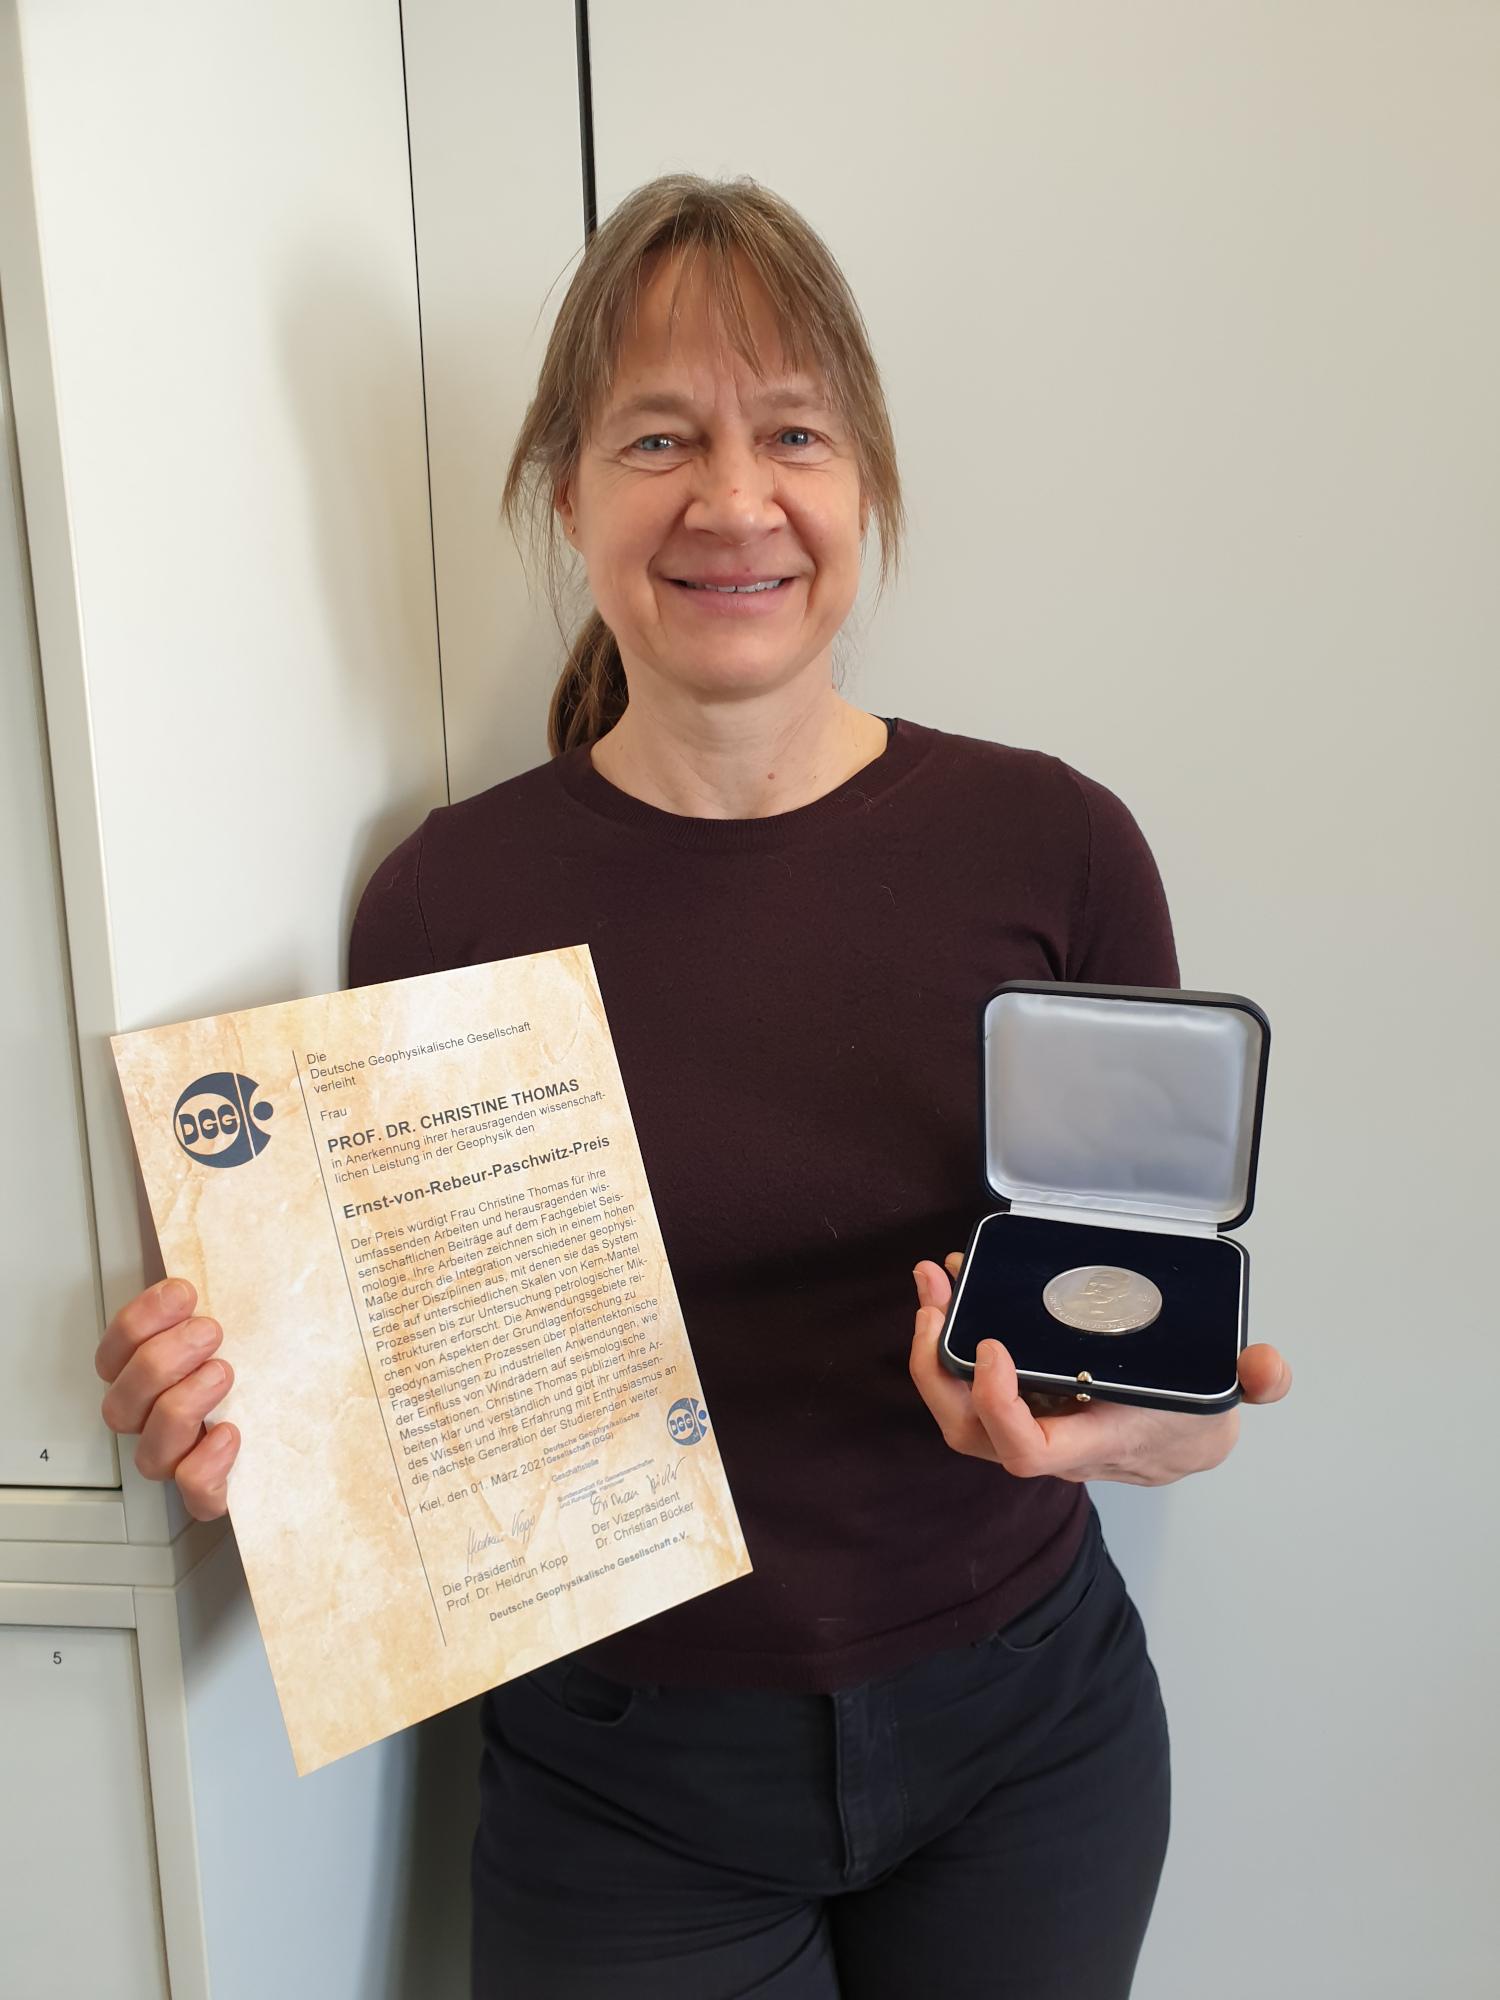 Ernst-von-Rebeur-Paschwitz-Preis for Tine Thomas